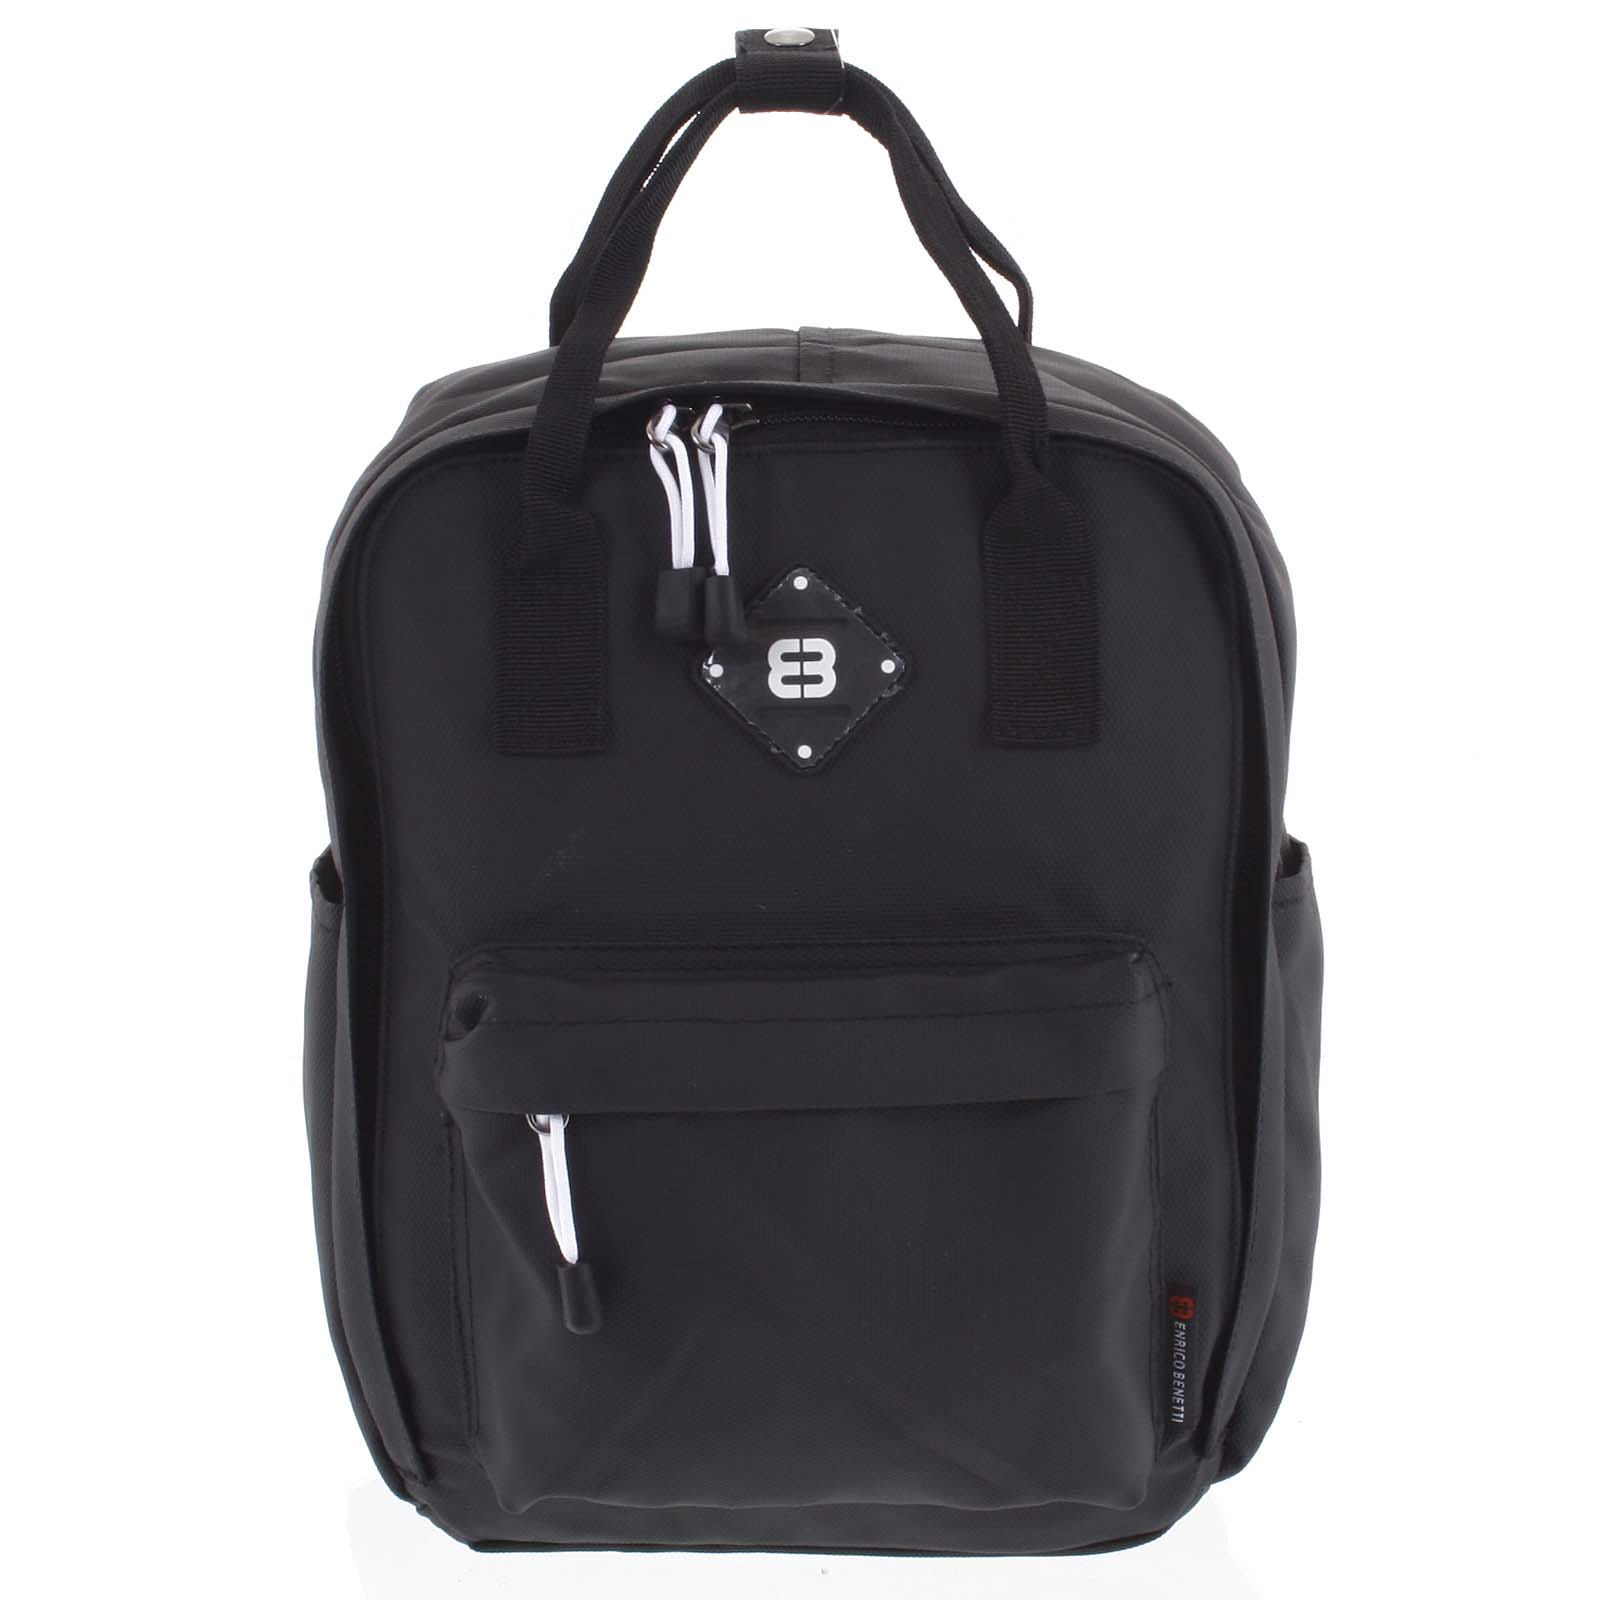 Malý dámský městský batoh černý - Enrico Benetti Mickey